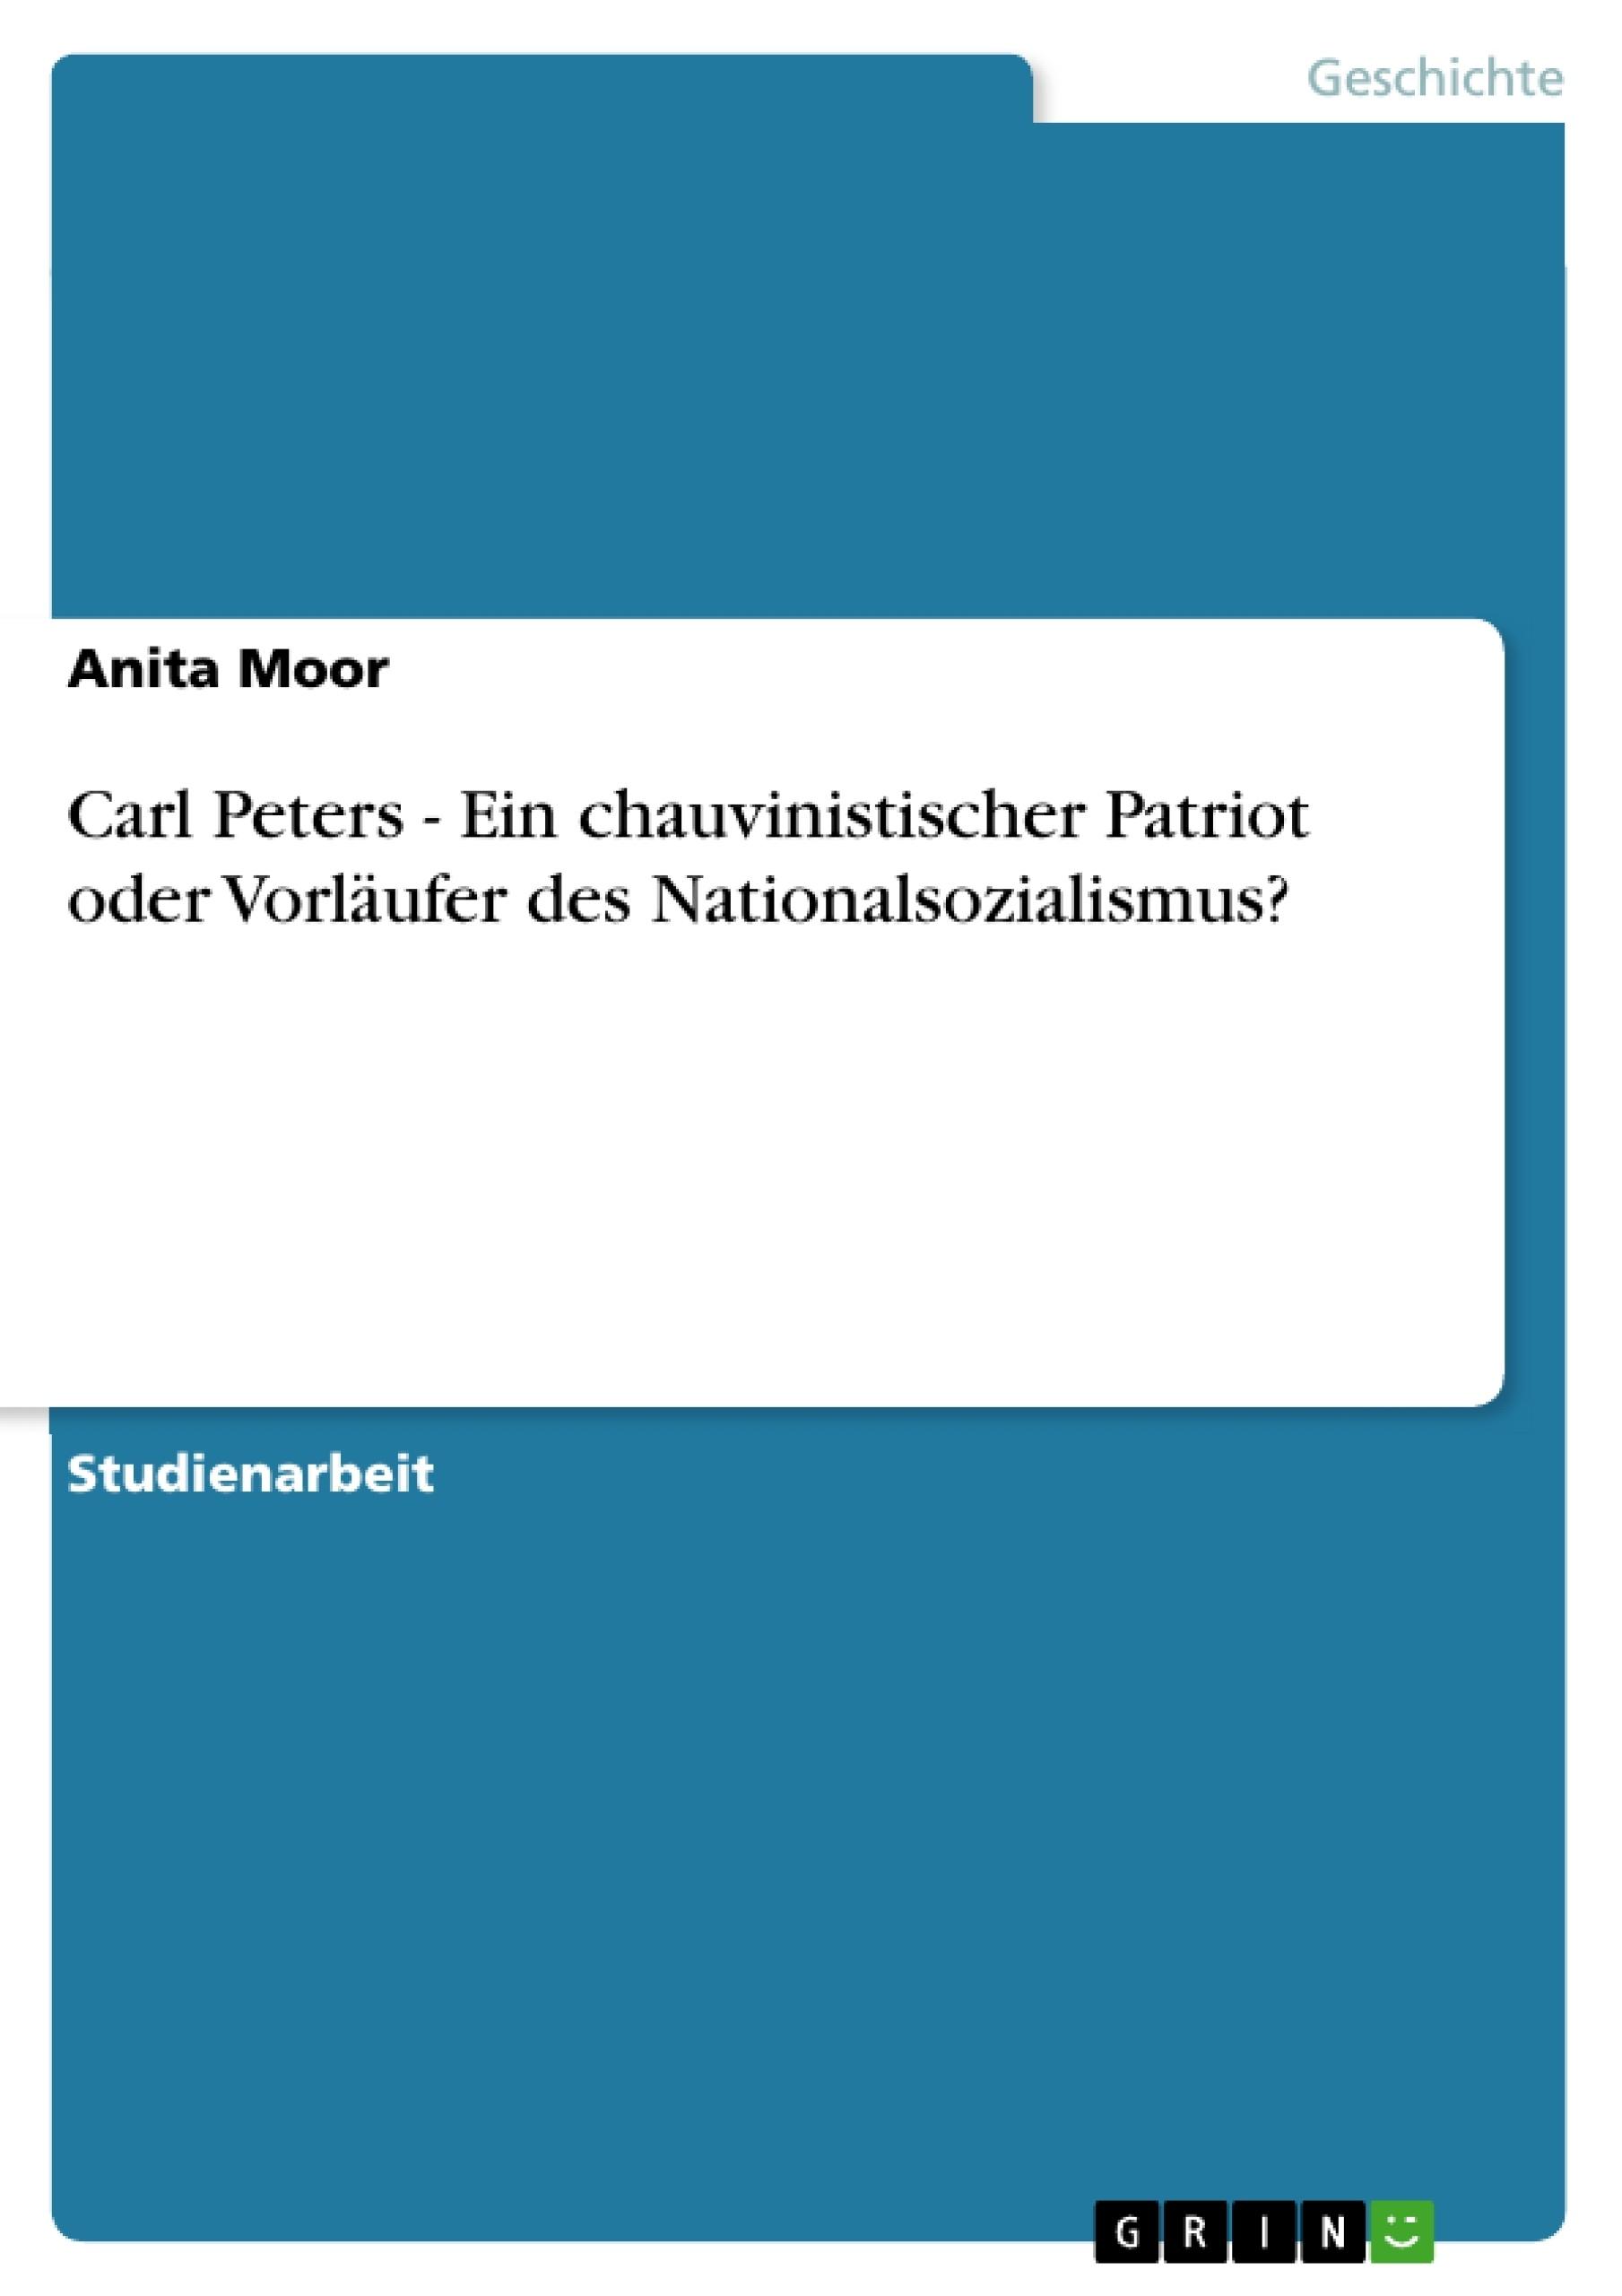 Titel: Carl Peters - Ein chauvinistischer Patriot oder Vorläufer des Nationalsozialismus?